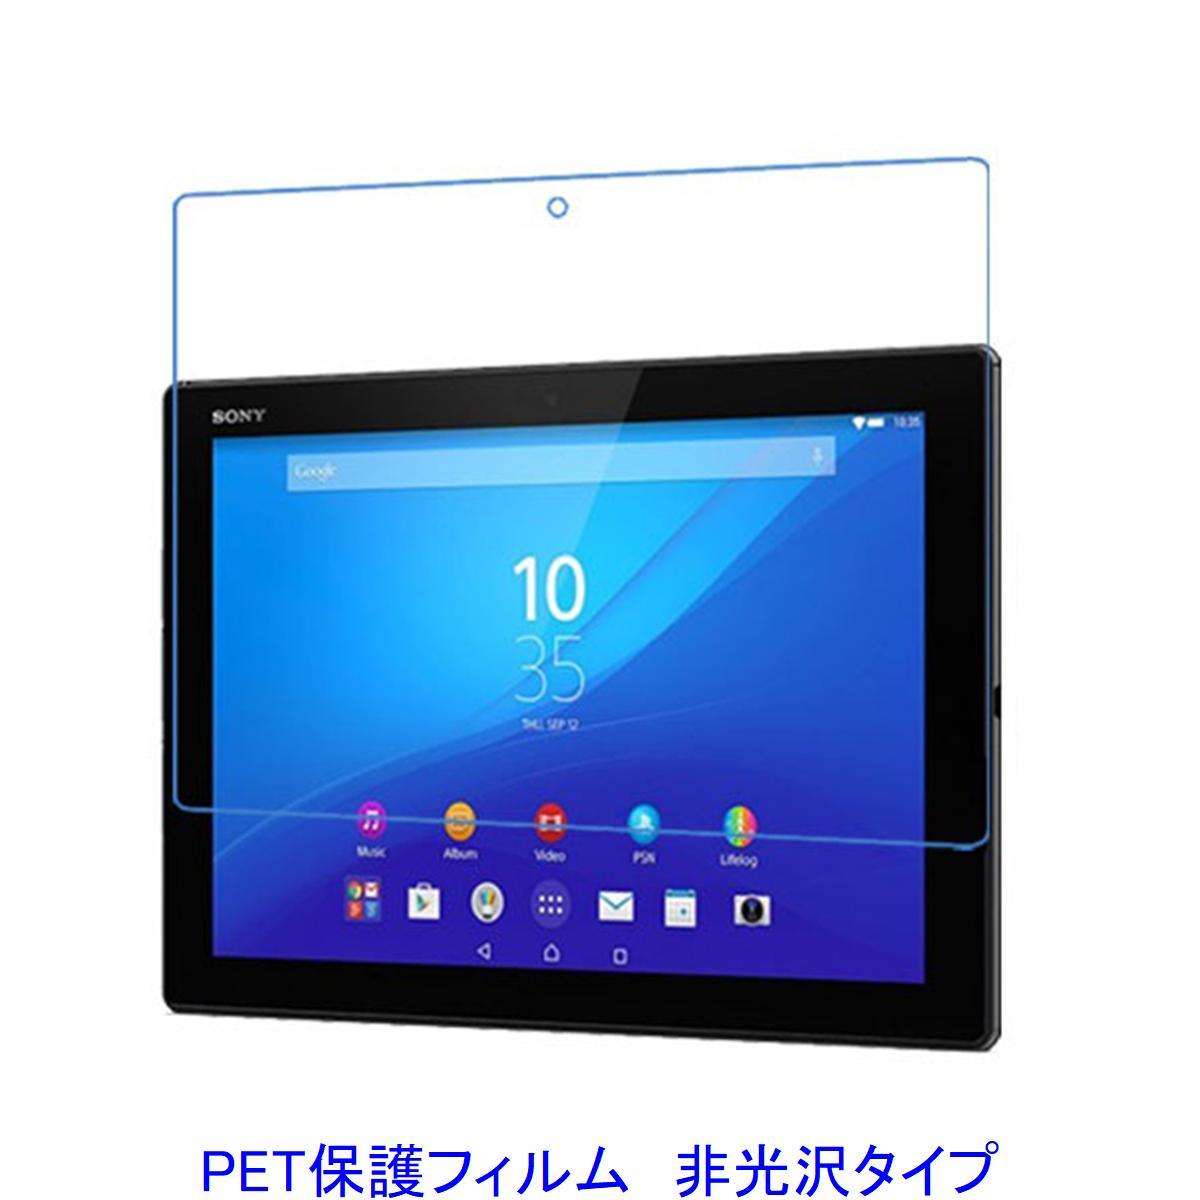 【メール便送料無料】 Xperia Z4 Tablet 10.1インチ 液晶保護フィルム 非光沢 指紋防止